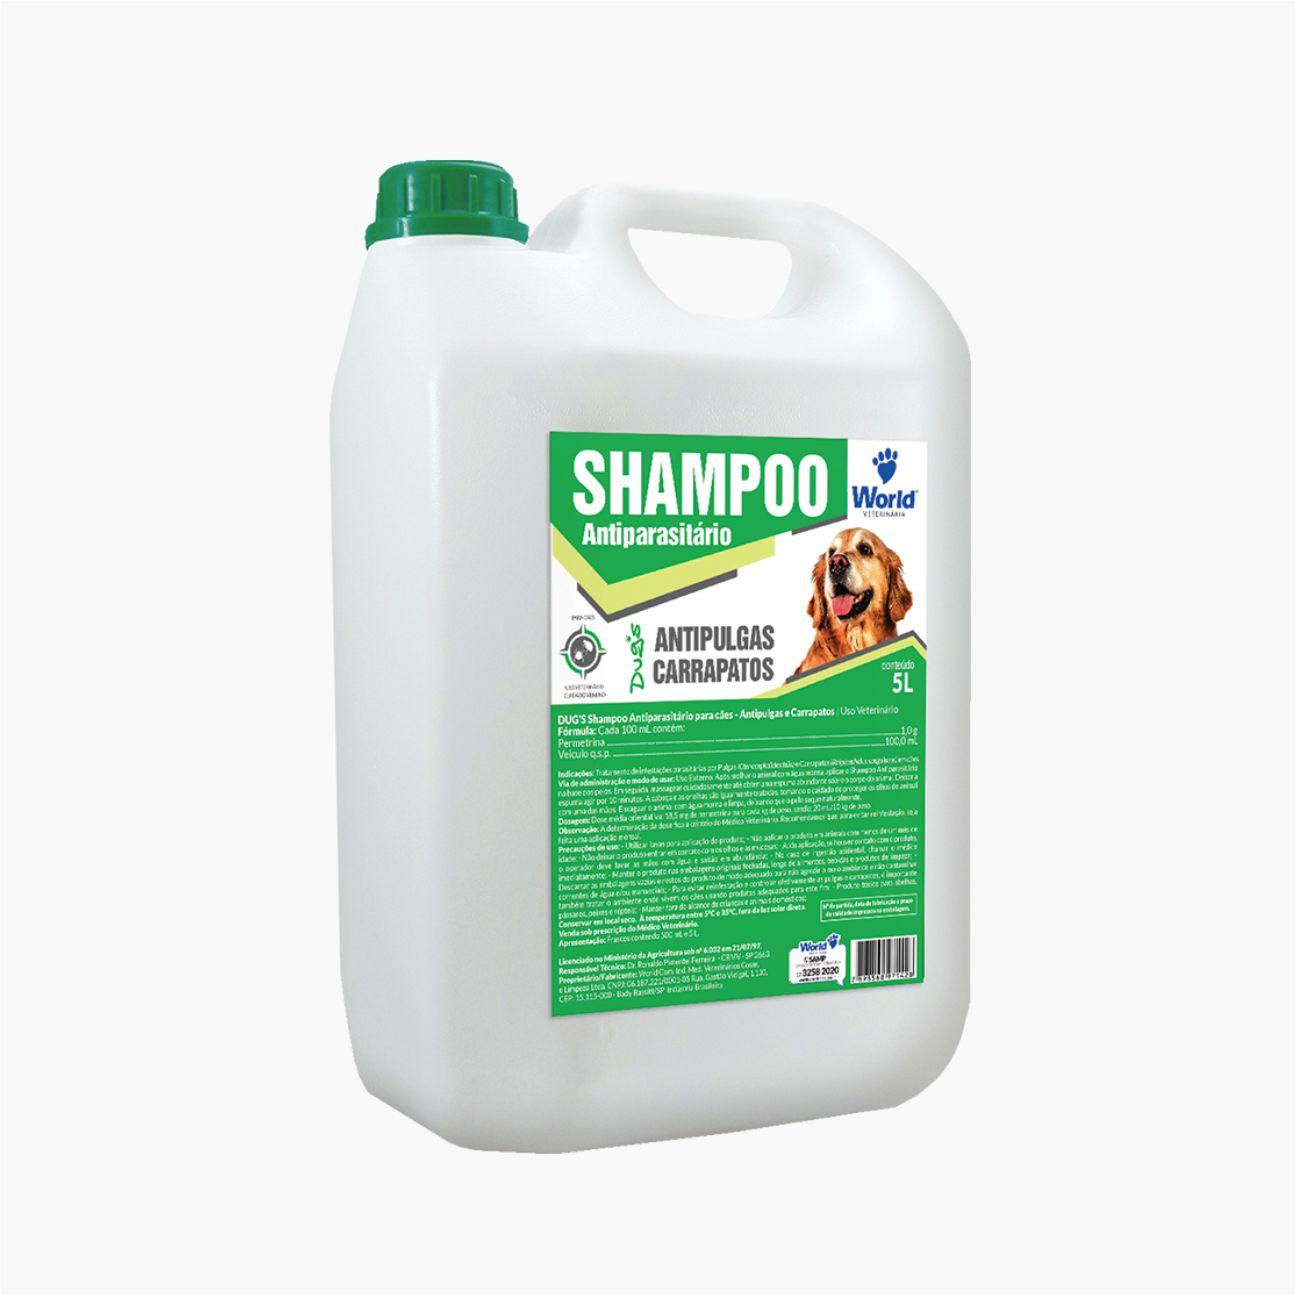 Shampoo Dug's Antiparasitário